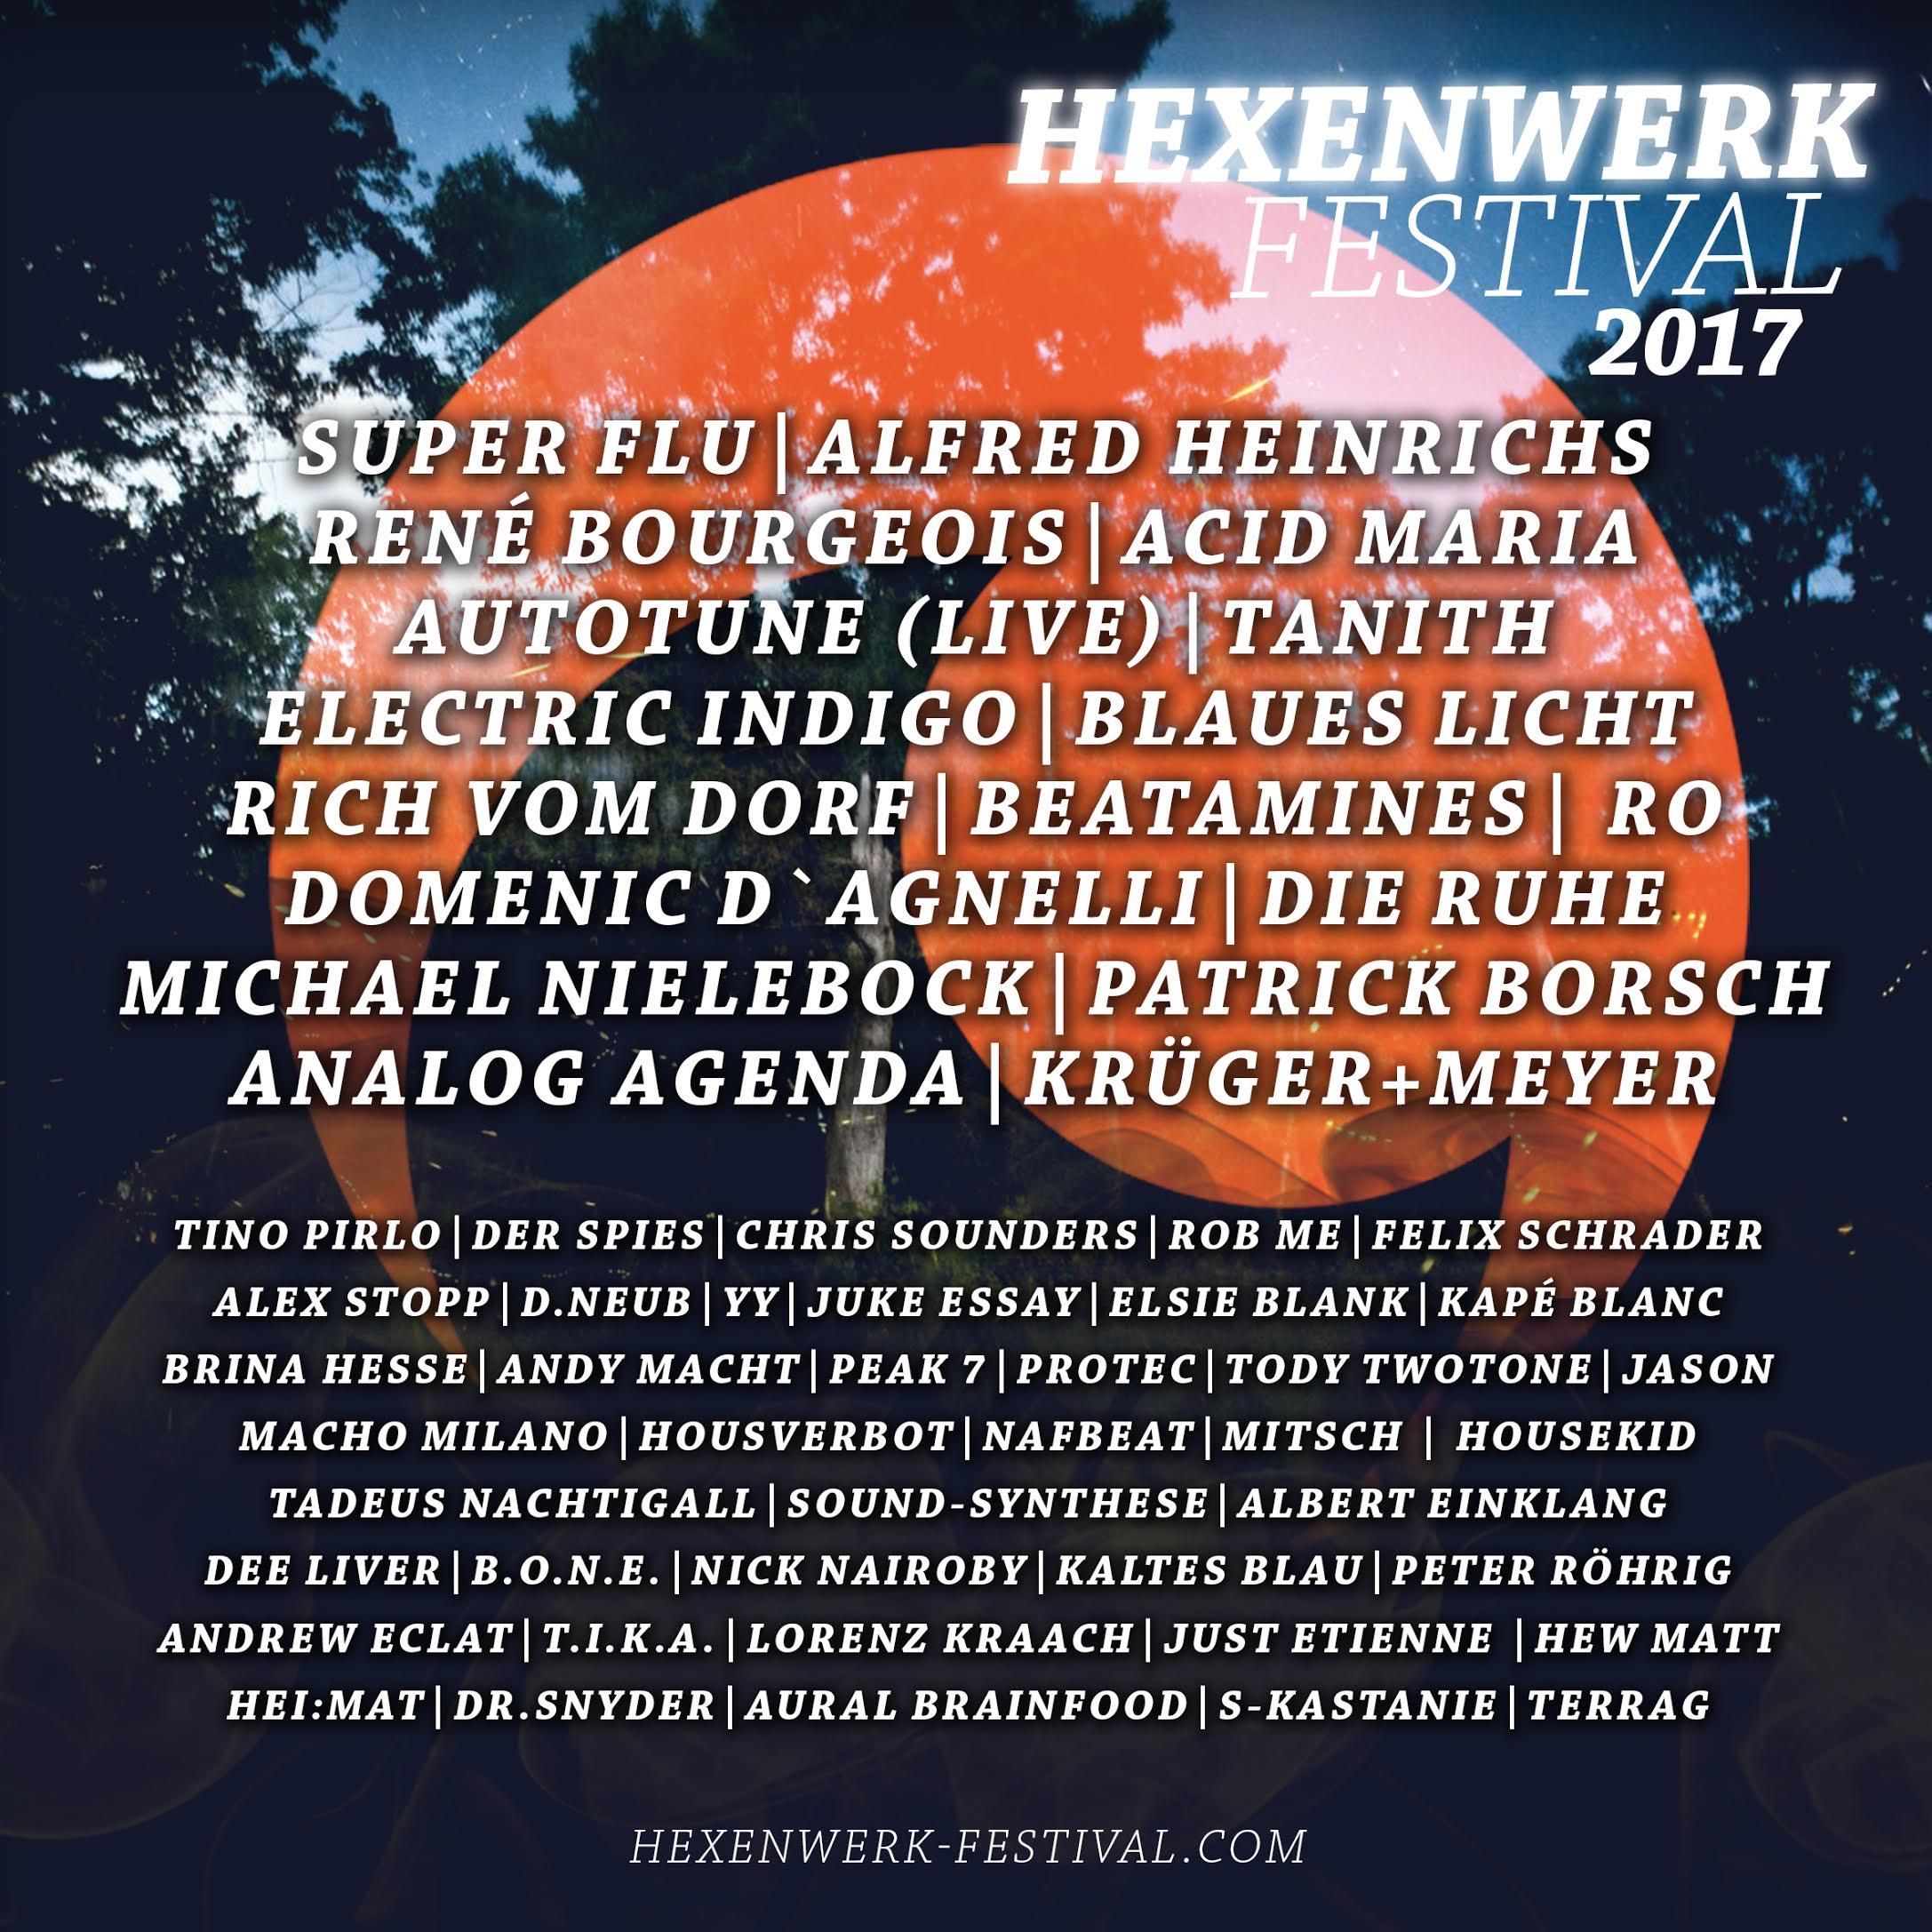 Hexenwerk Festival 2017